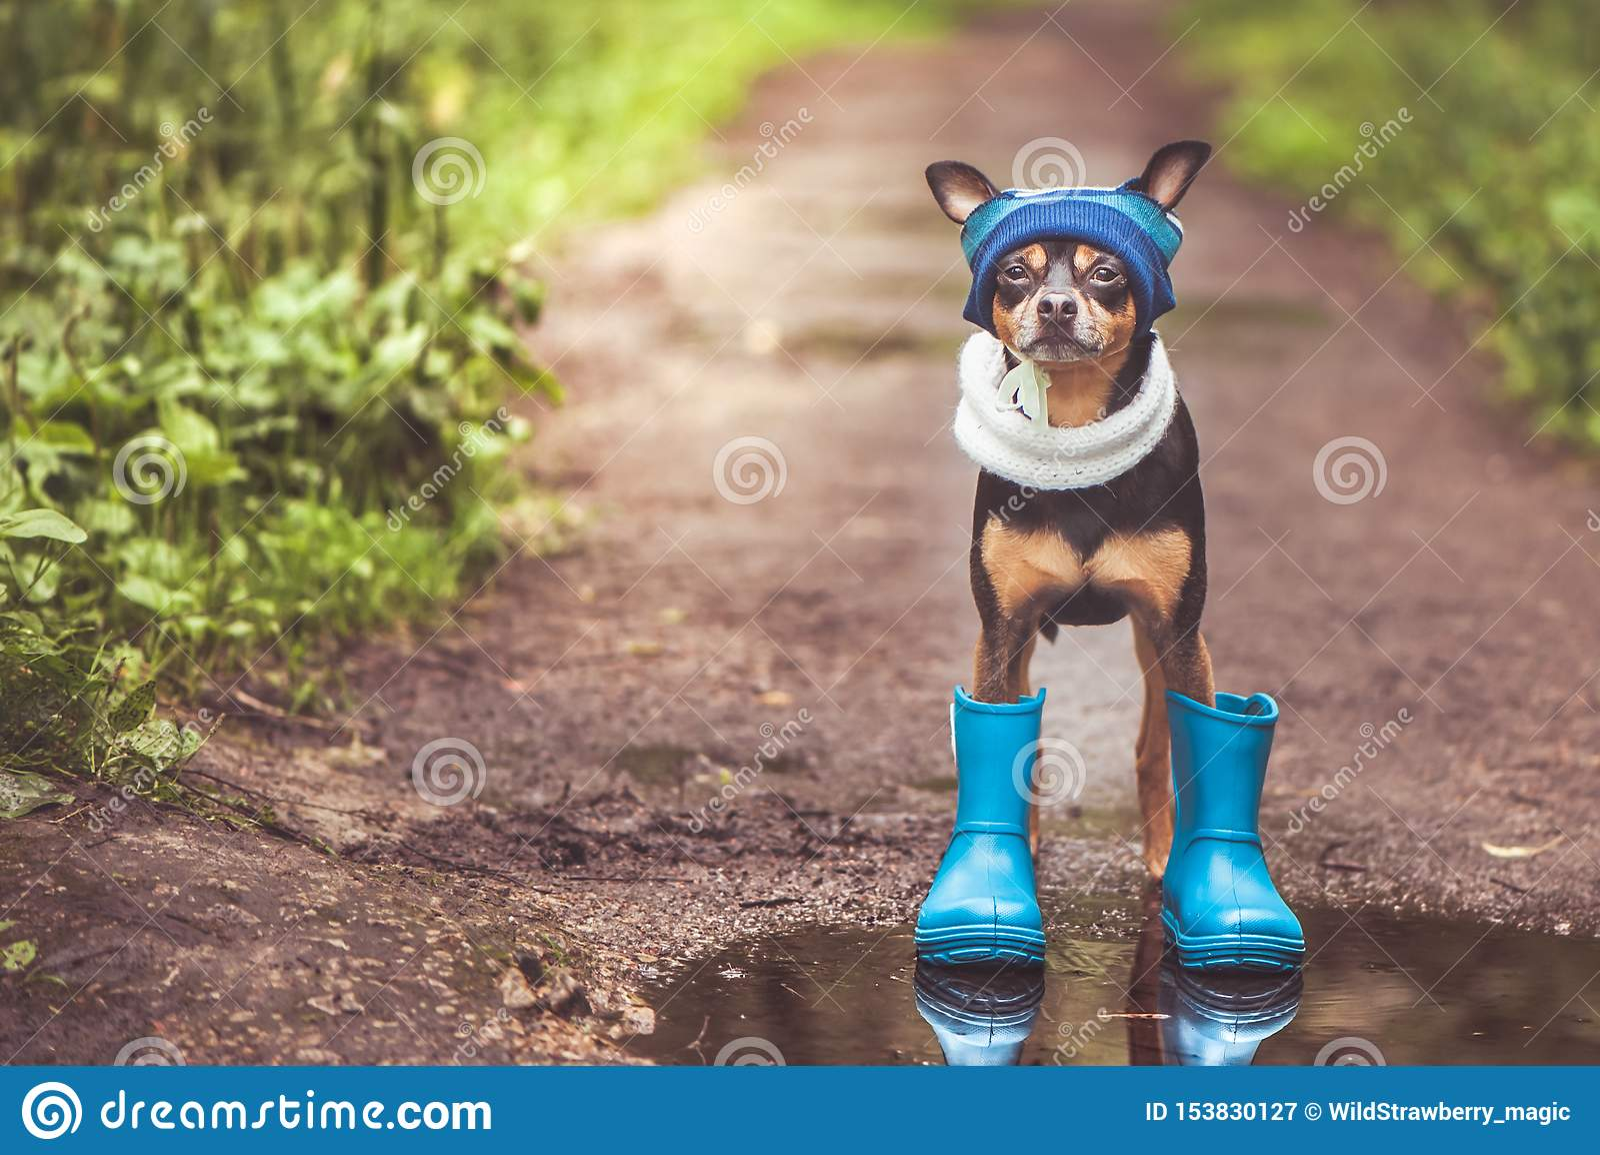 Chien dans un chapeau et des bottes en caoutchouc se tenant dans un magma sur un chemin forestier, le thème du temps pluvieux, l